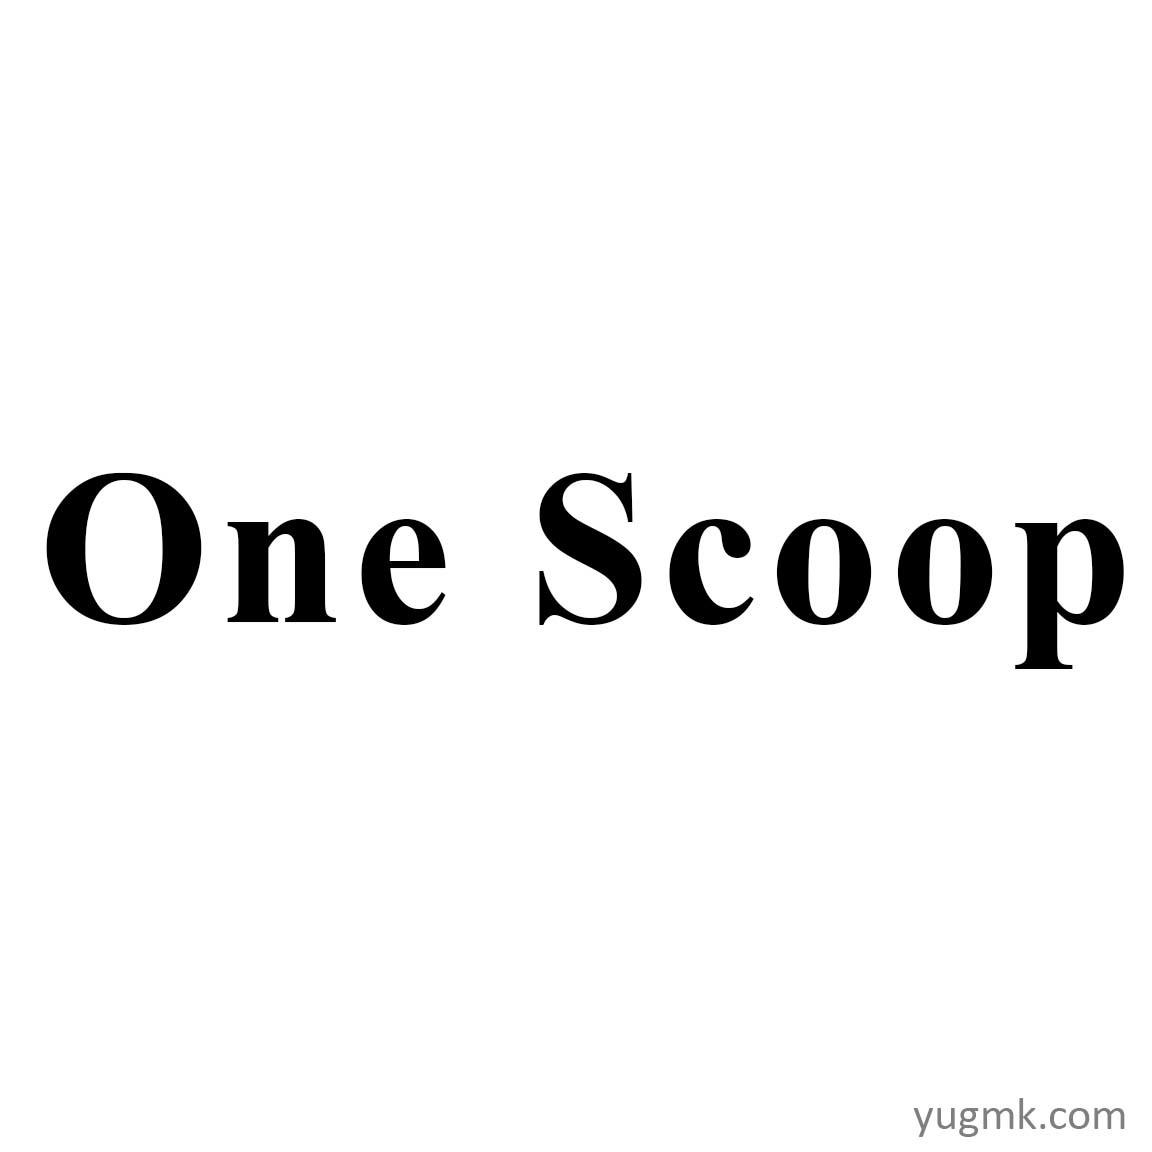 ONE SCOOP